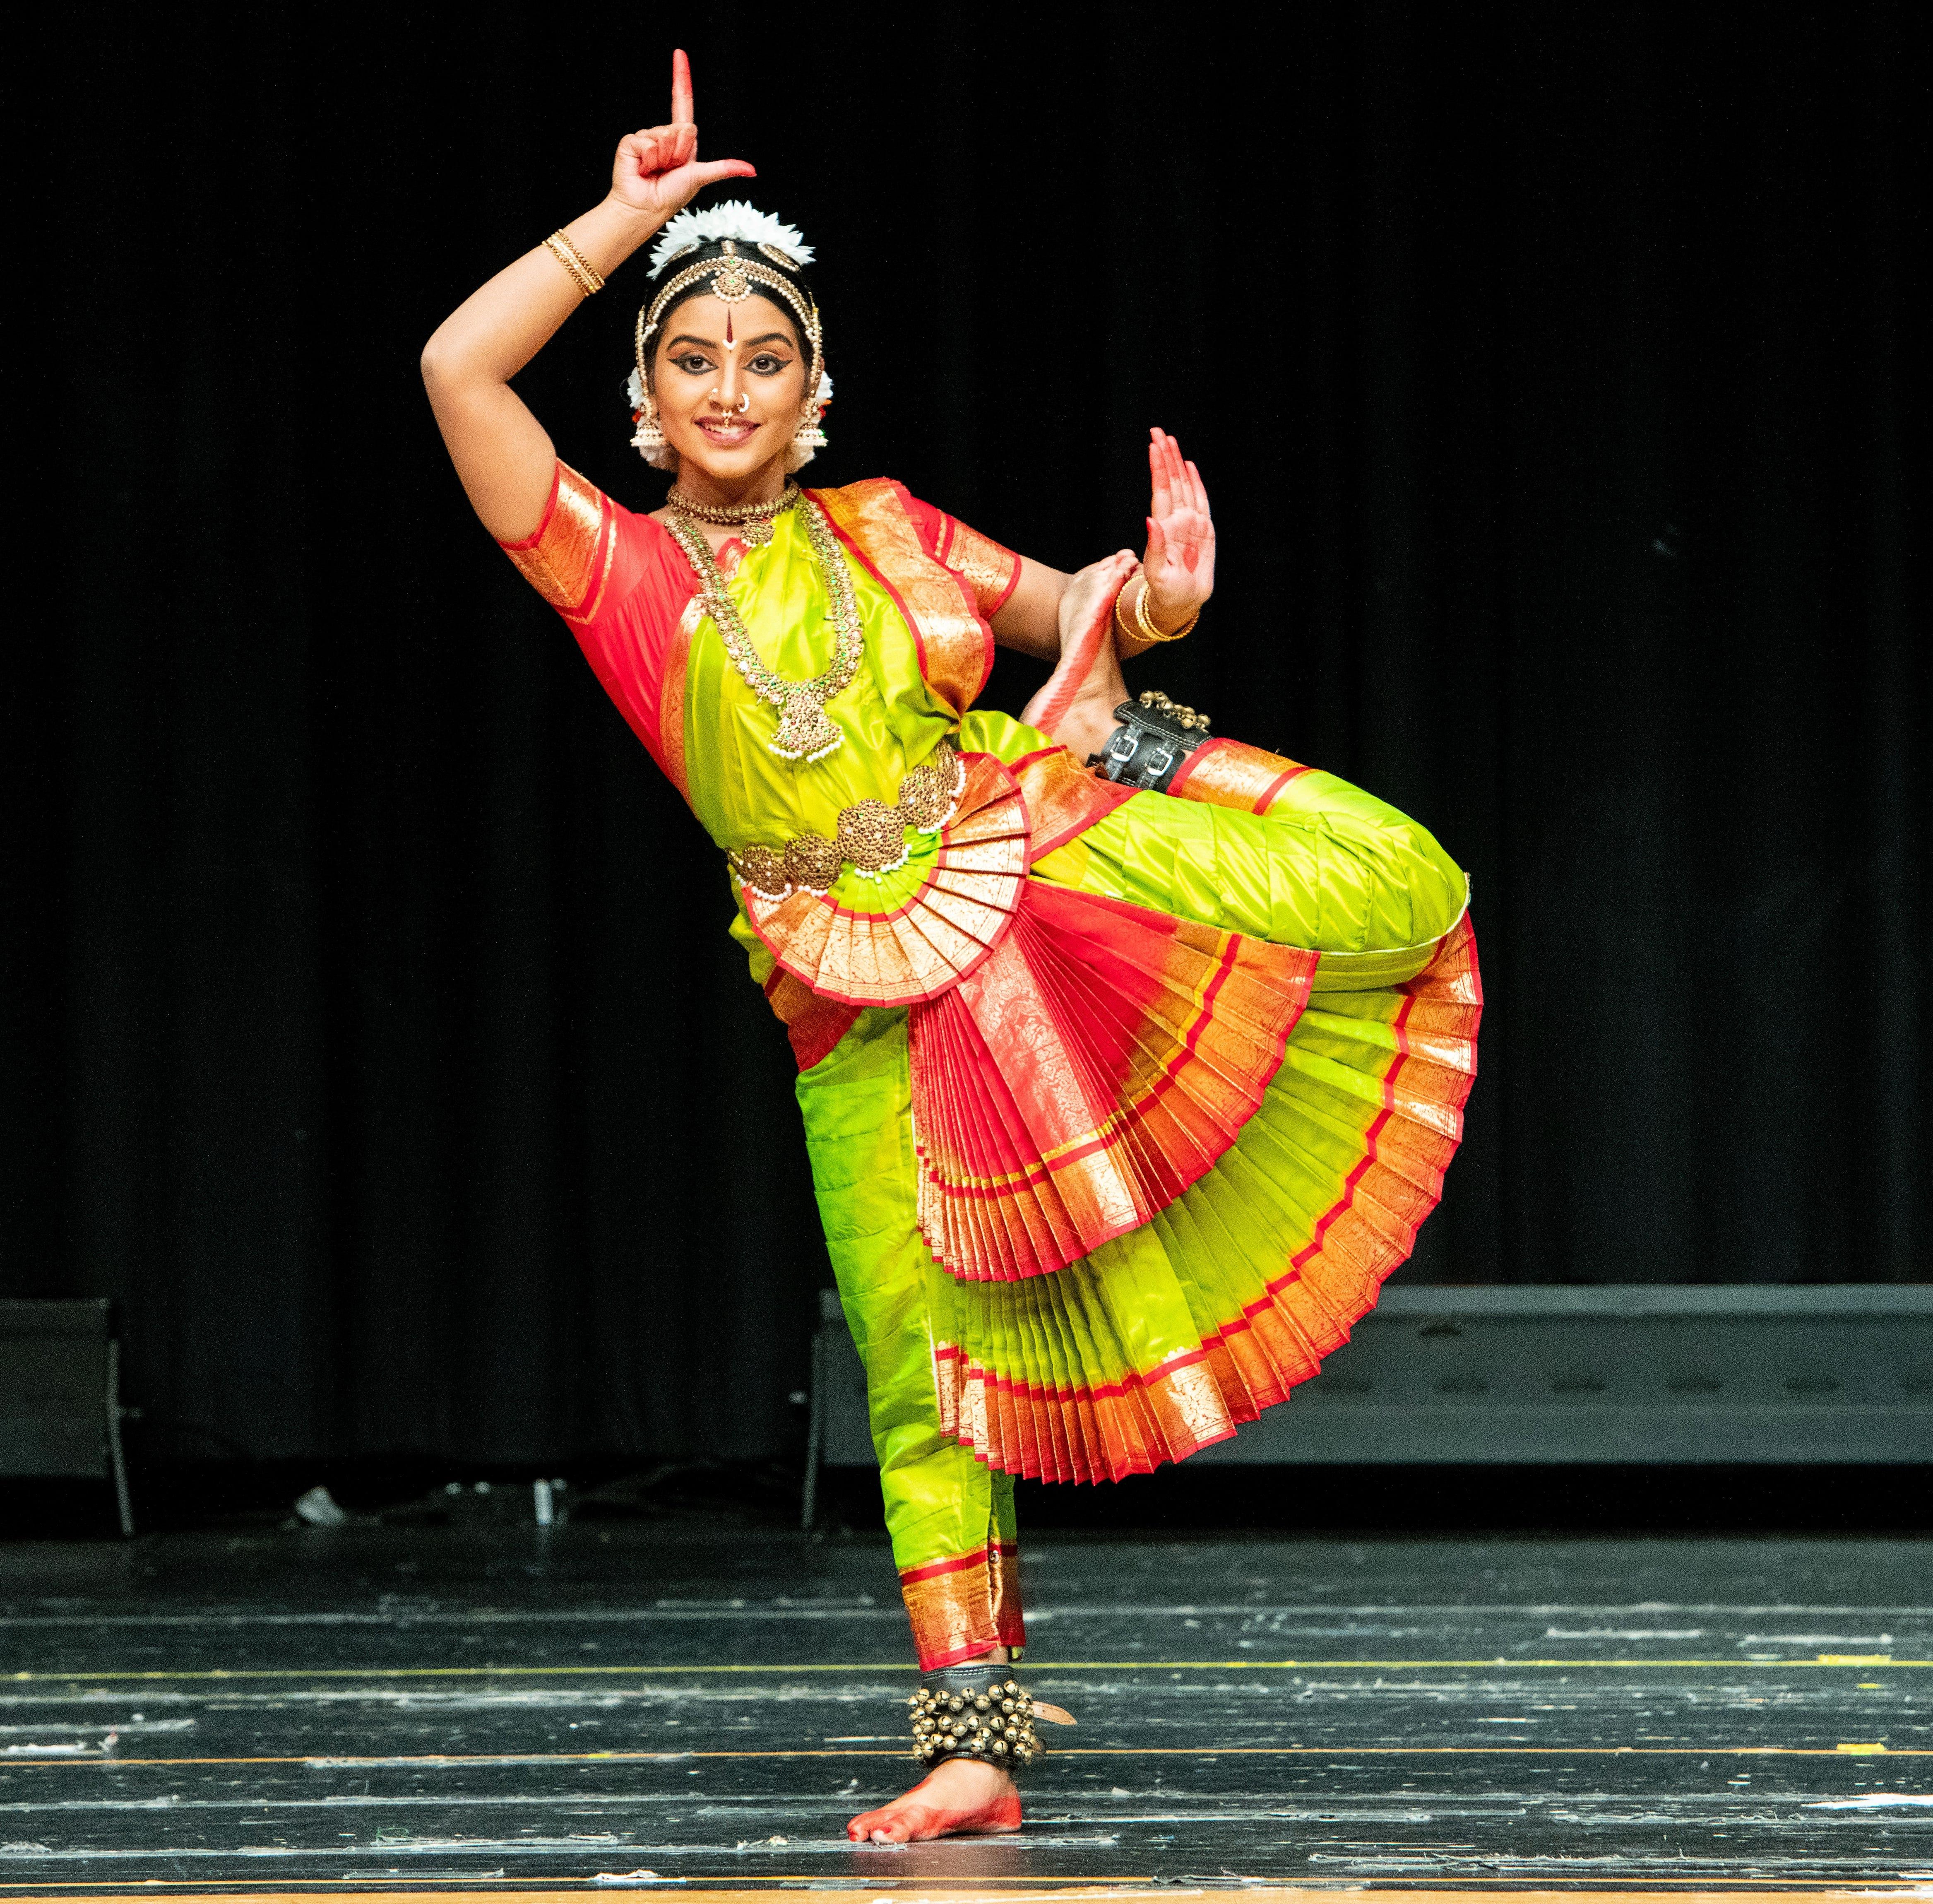 Bridgewater-Raritan student debuts Indian classical dance